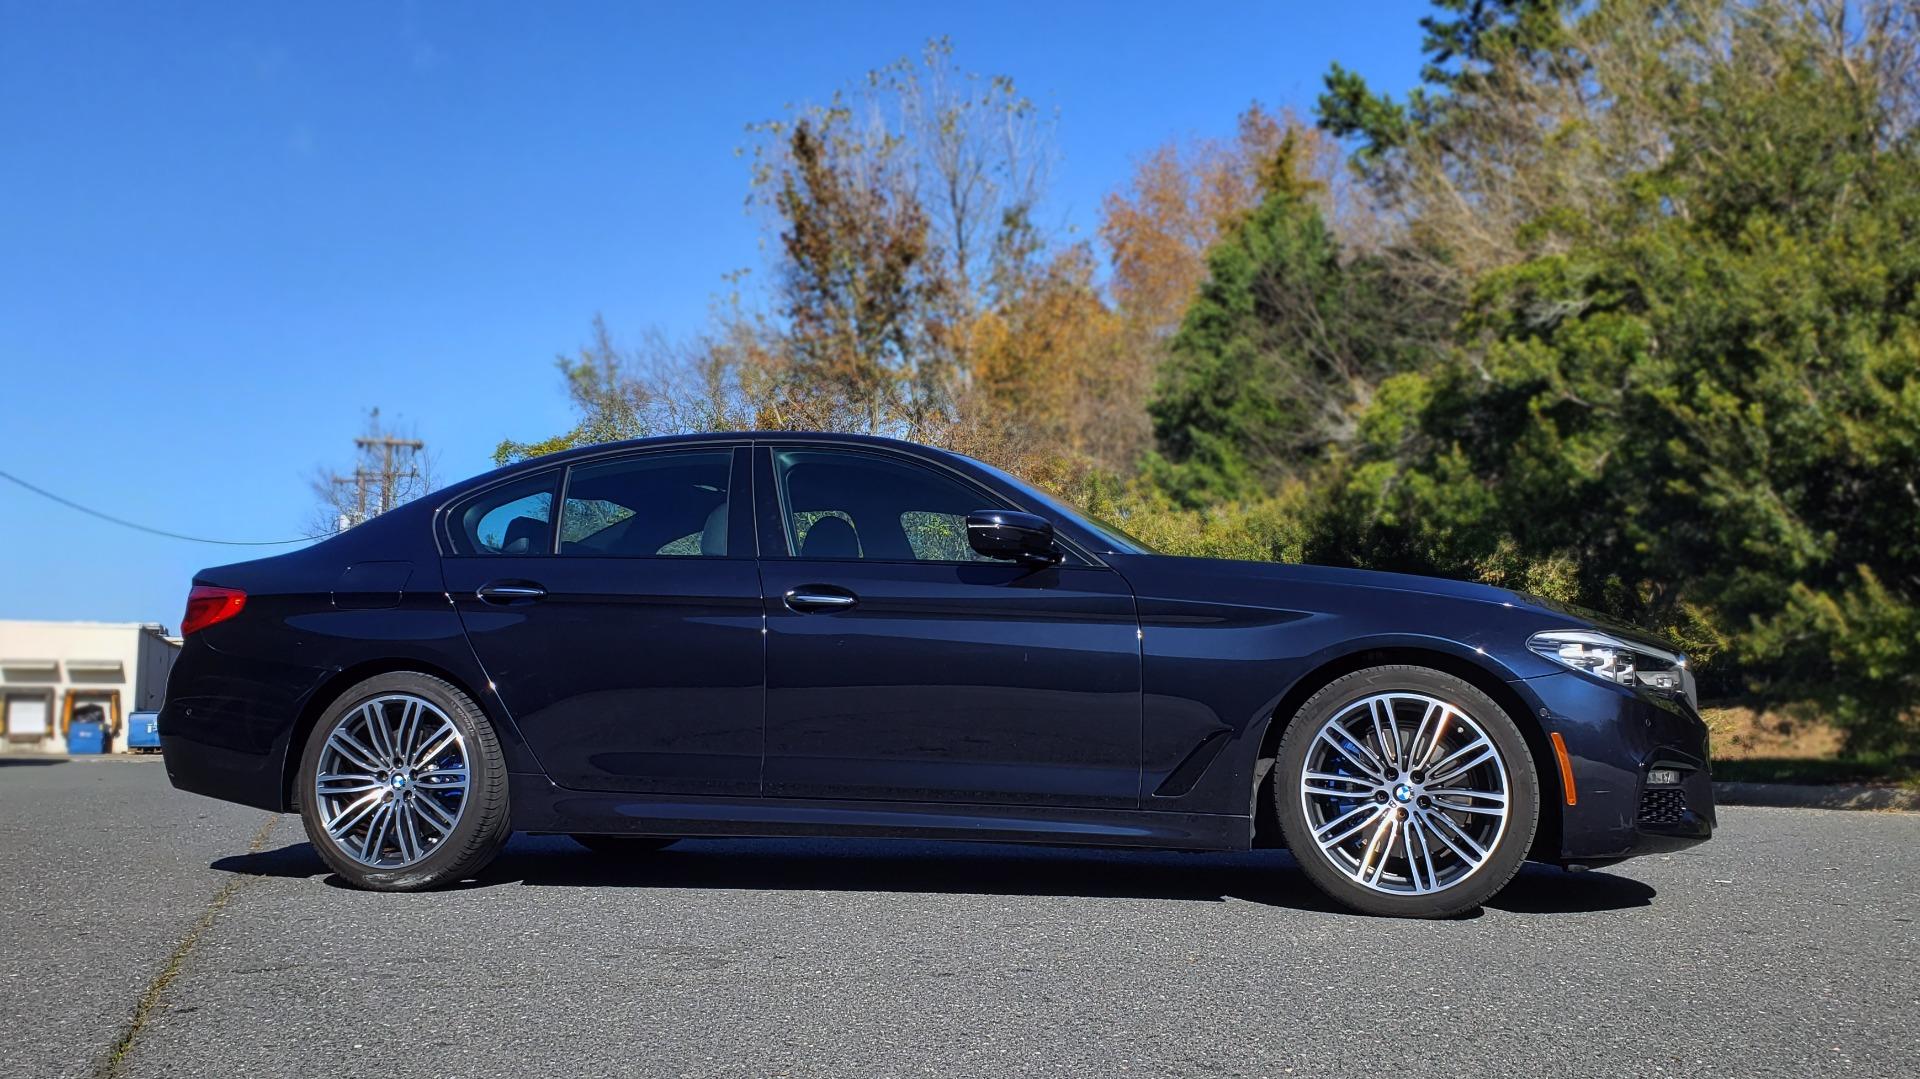 Used 2017 BMW 5 SERIES 530I M-SPORT / PREM PKG / DRVR ASST / HUD / NAV / REARVIEW for sale $33,995 at Formula Imports in Charlotte NC 28227 6